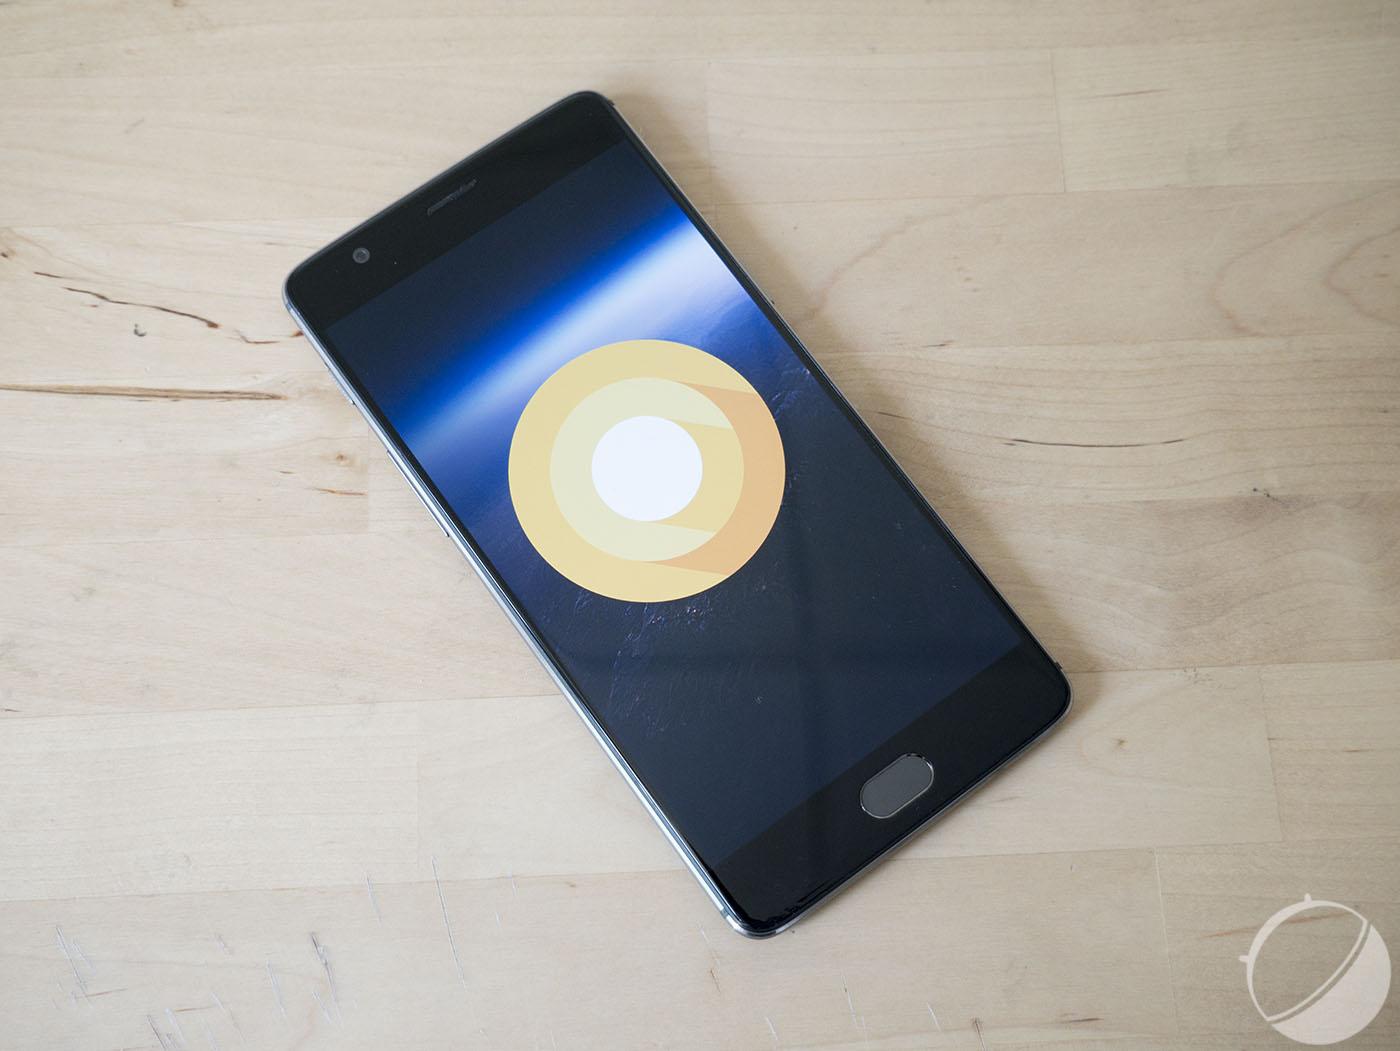 Android O arrivera sur les OnePlus 3 et 3T dans l'année